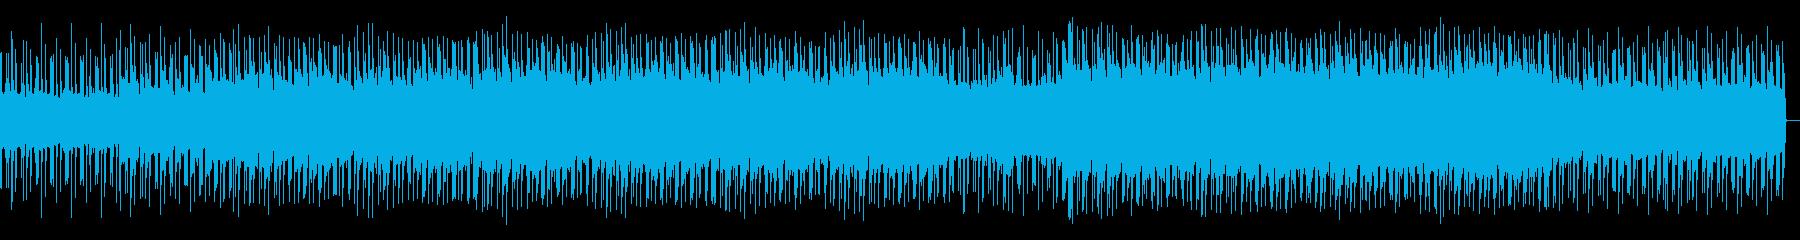 シューゲイザー系UKインディーロックの再生済みの波形